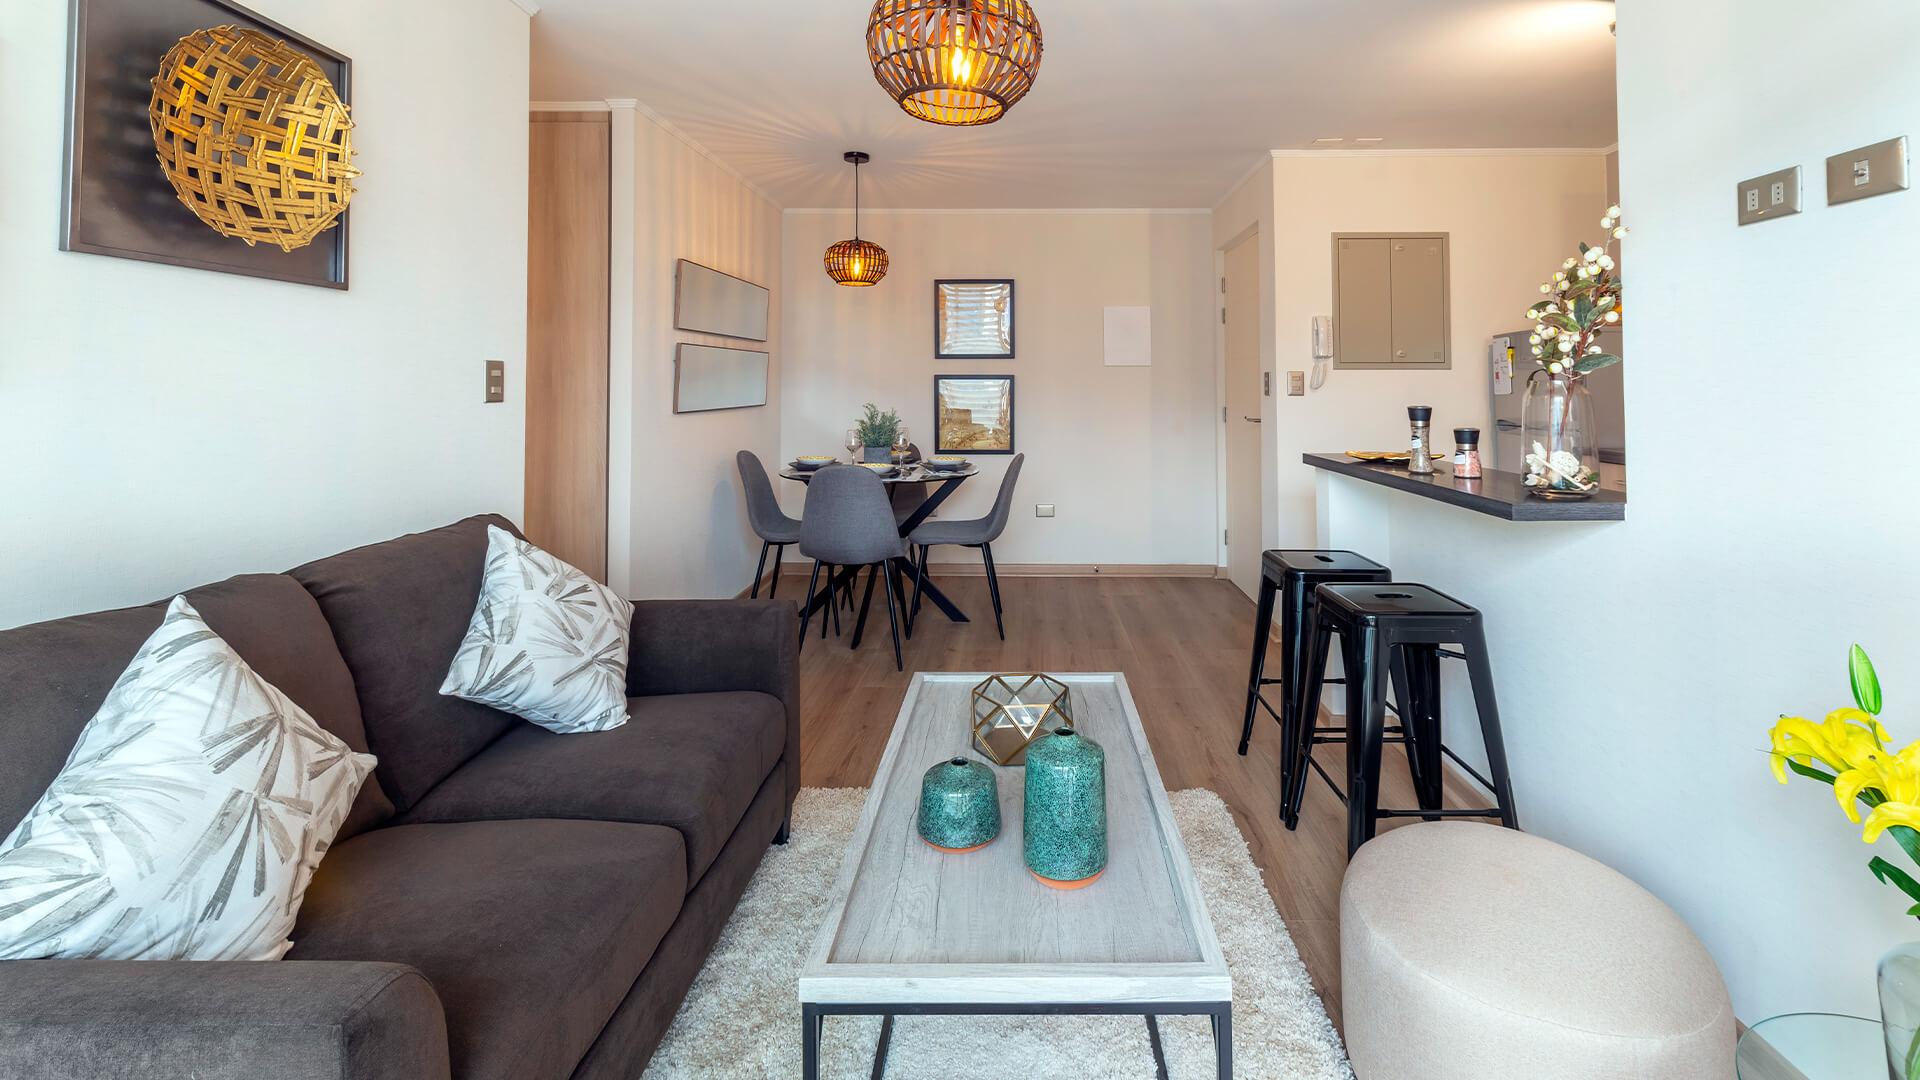 Condominio-Parque-Oriente-living